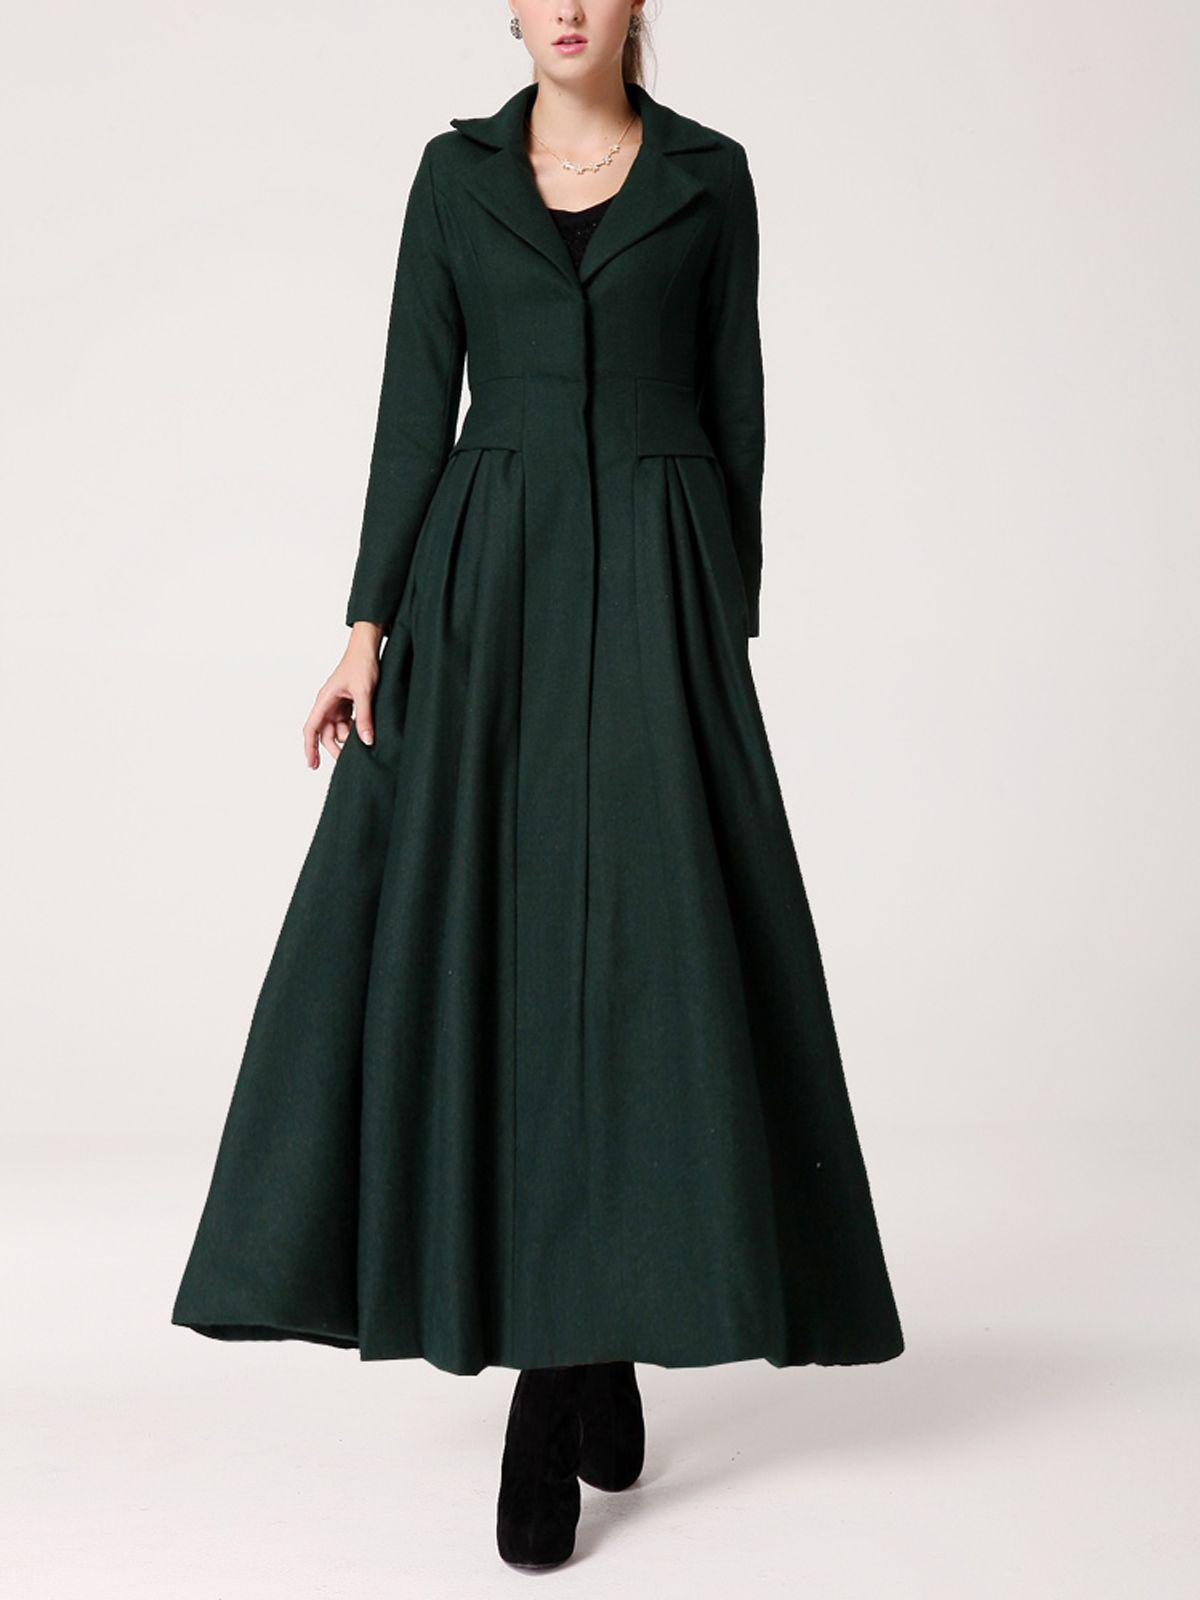 Vintage ladies Floor Winter Dress Ankle Full Length Coat Very Long ...